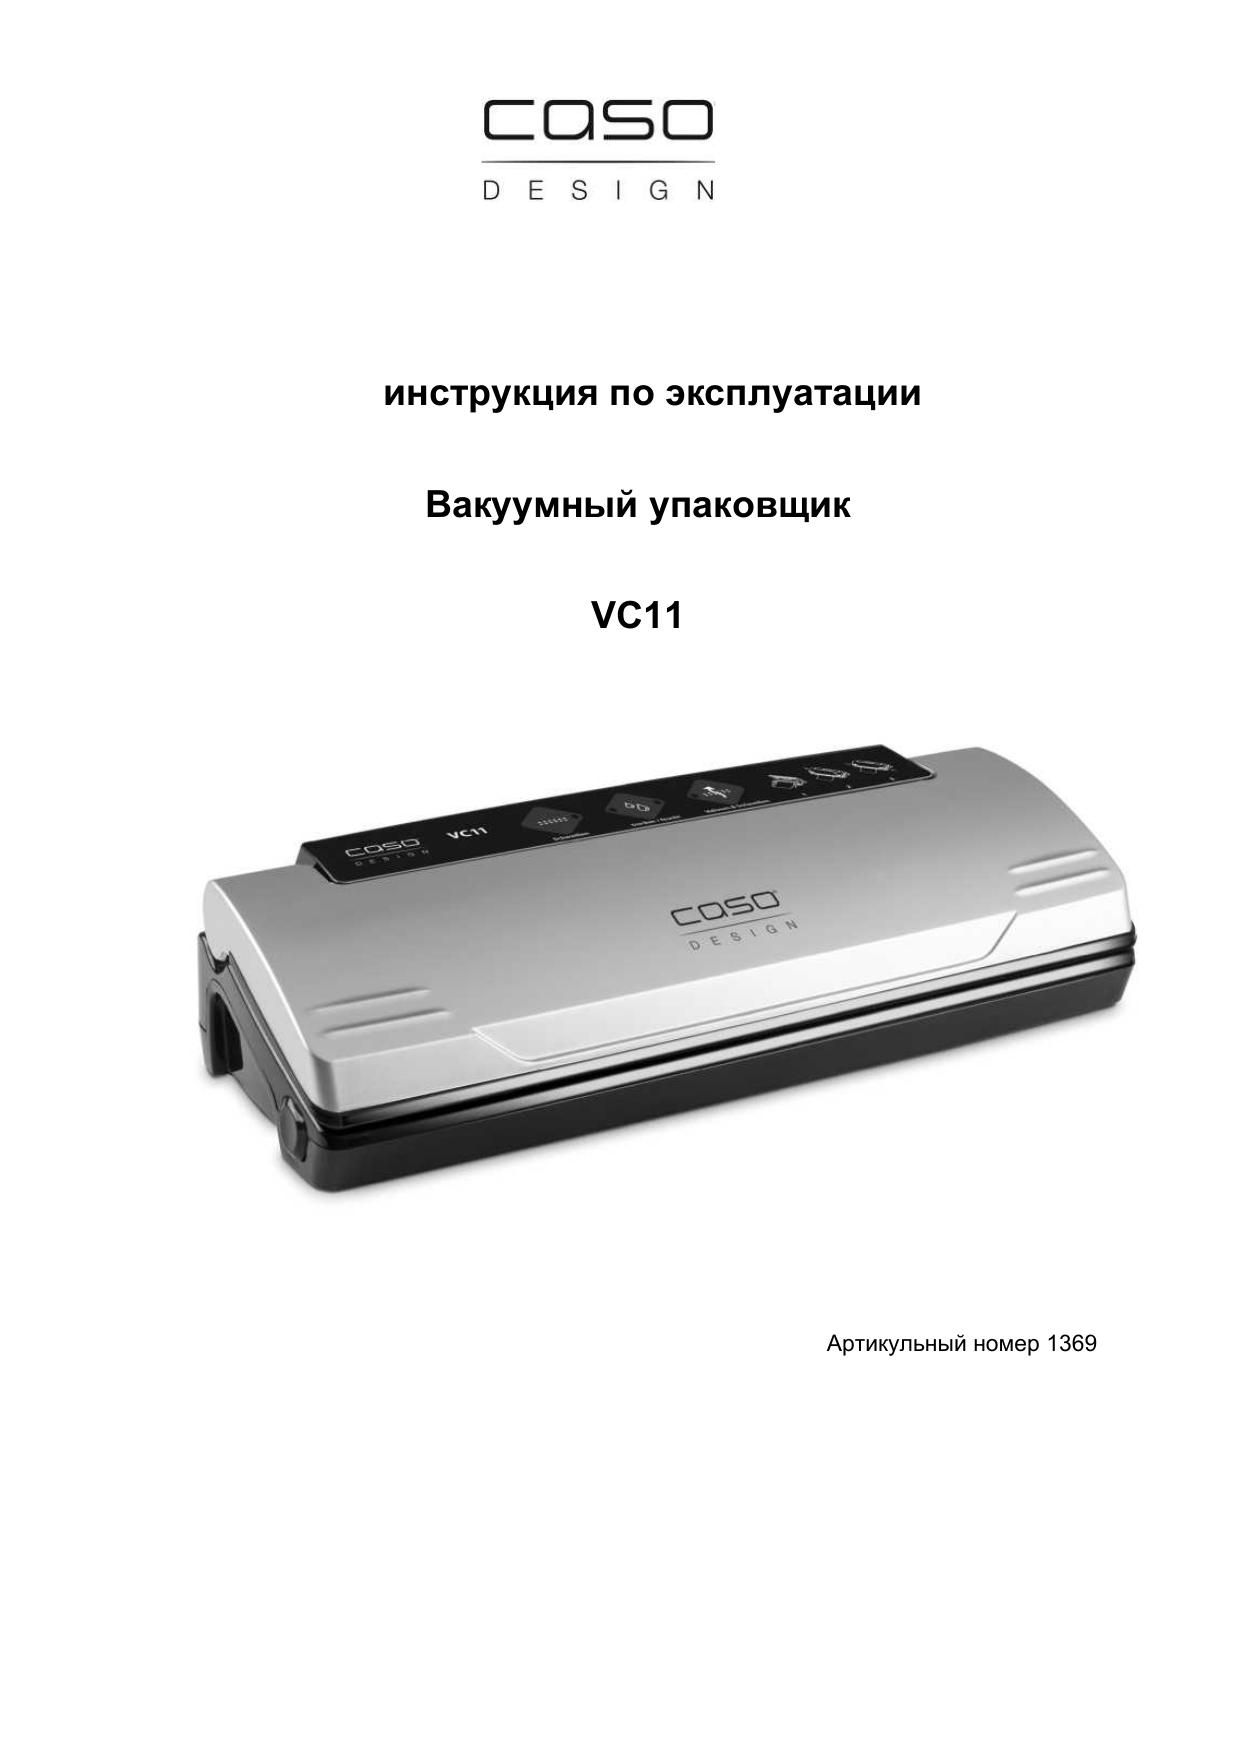 Caso вакуумный упаковщик инструкция массажер роликовый екатеринбург